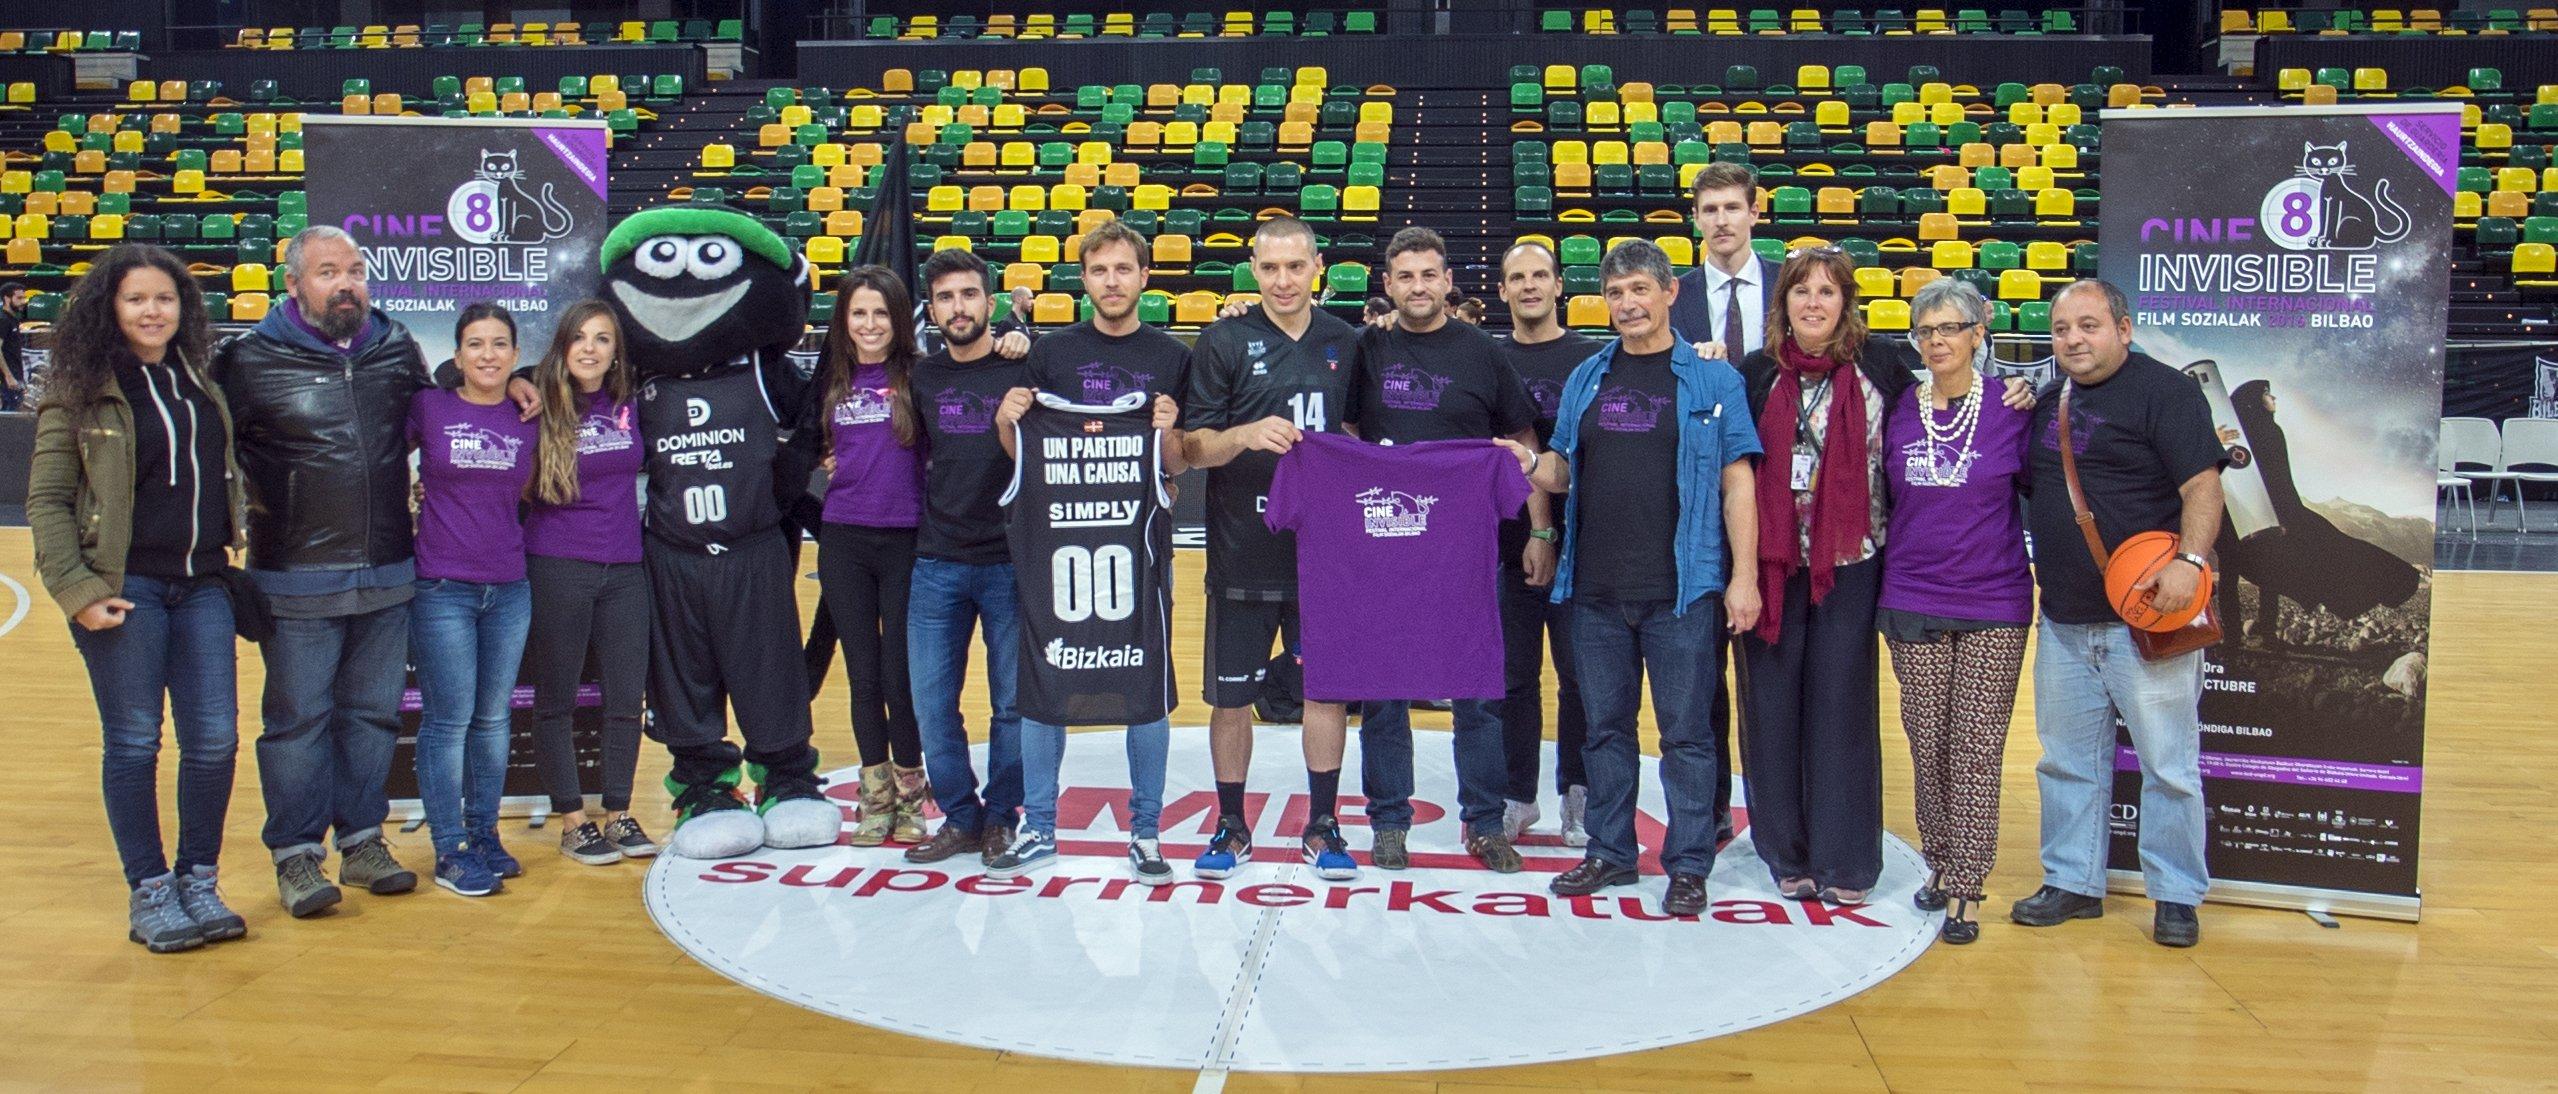 El Cine Invisible en el Bilbao Arena